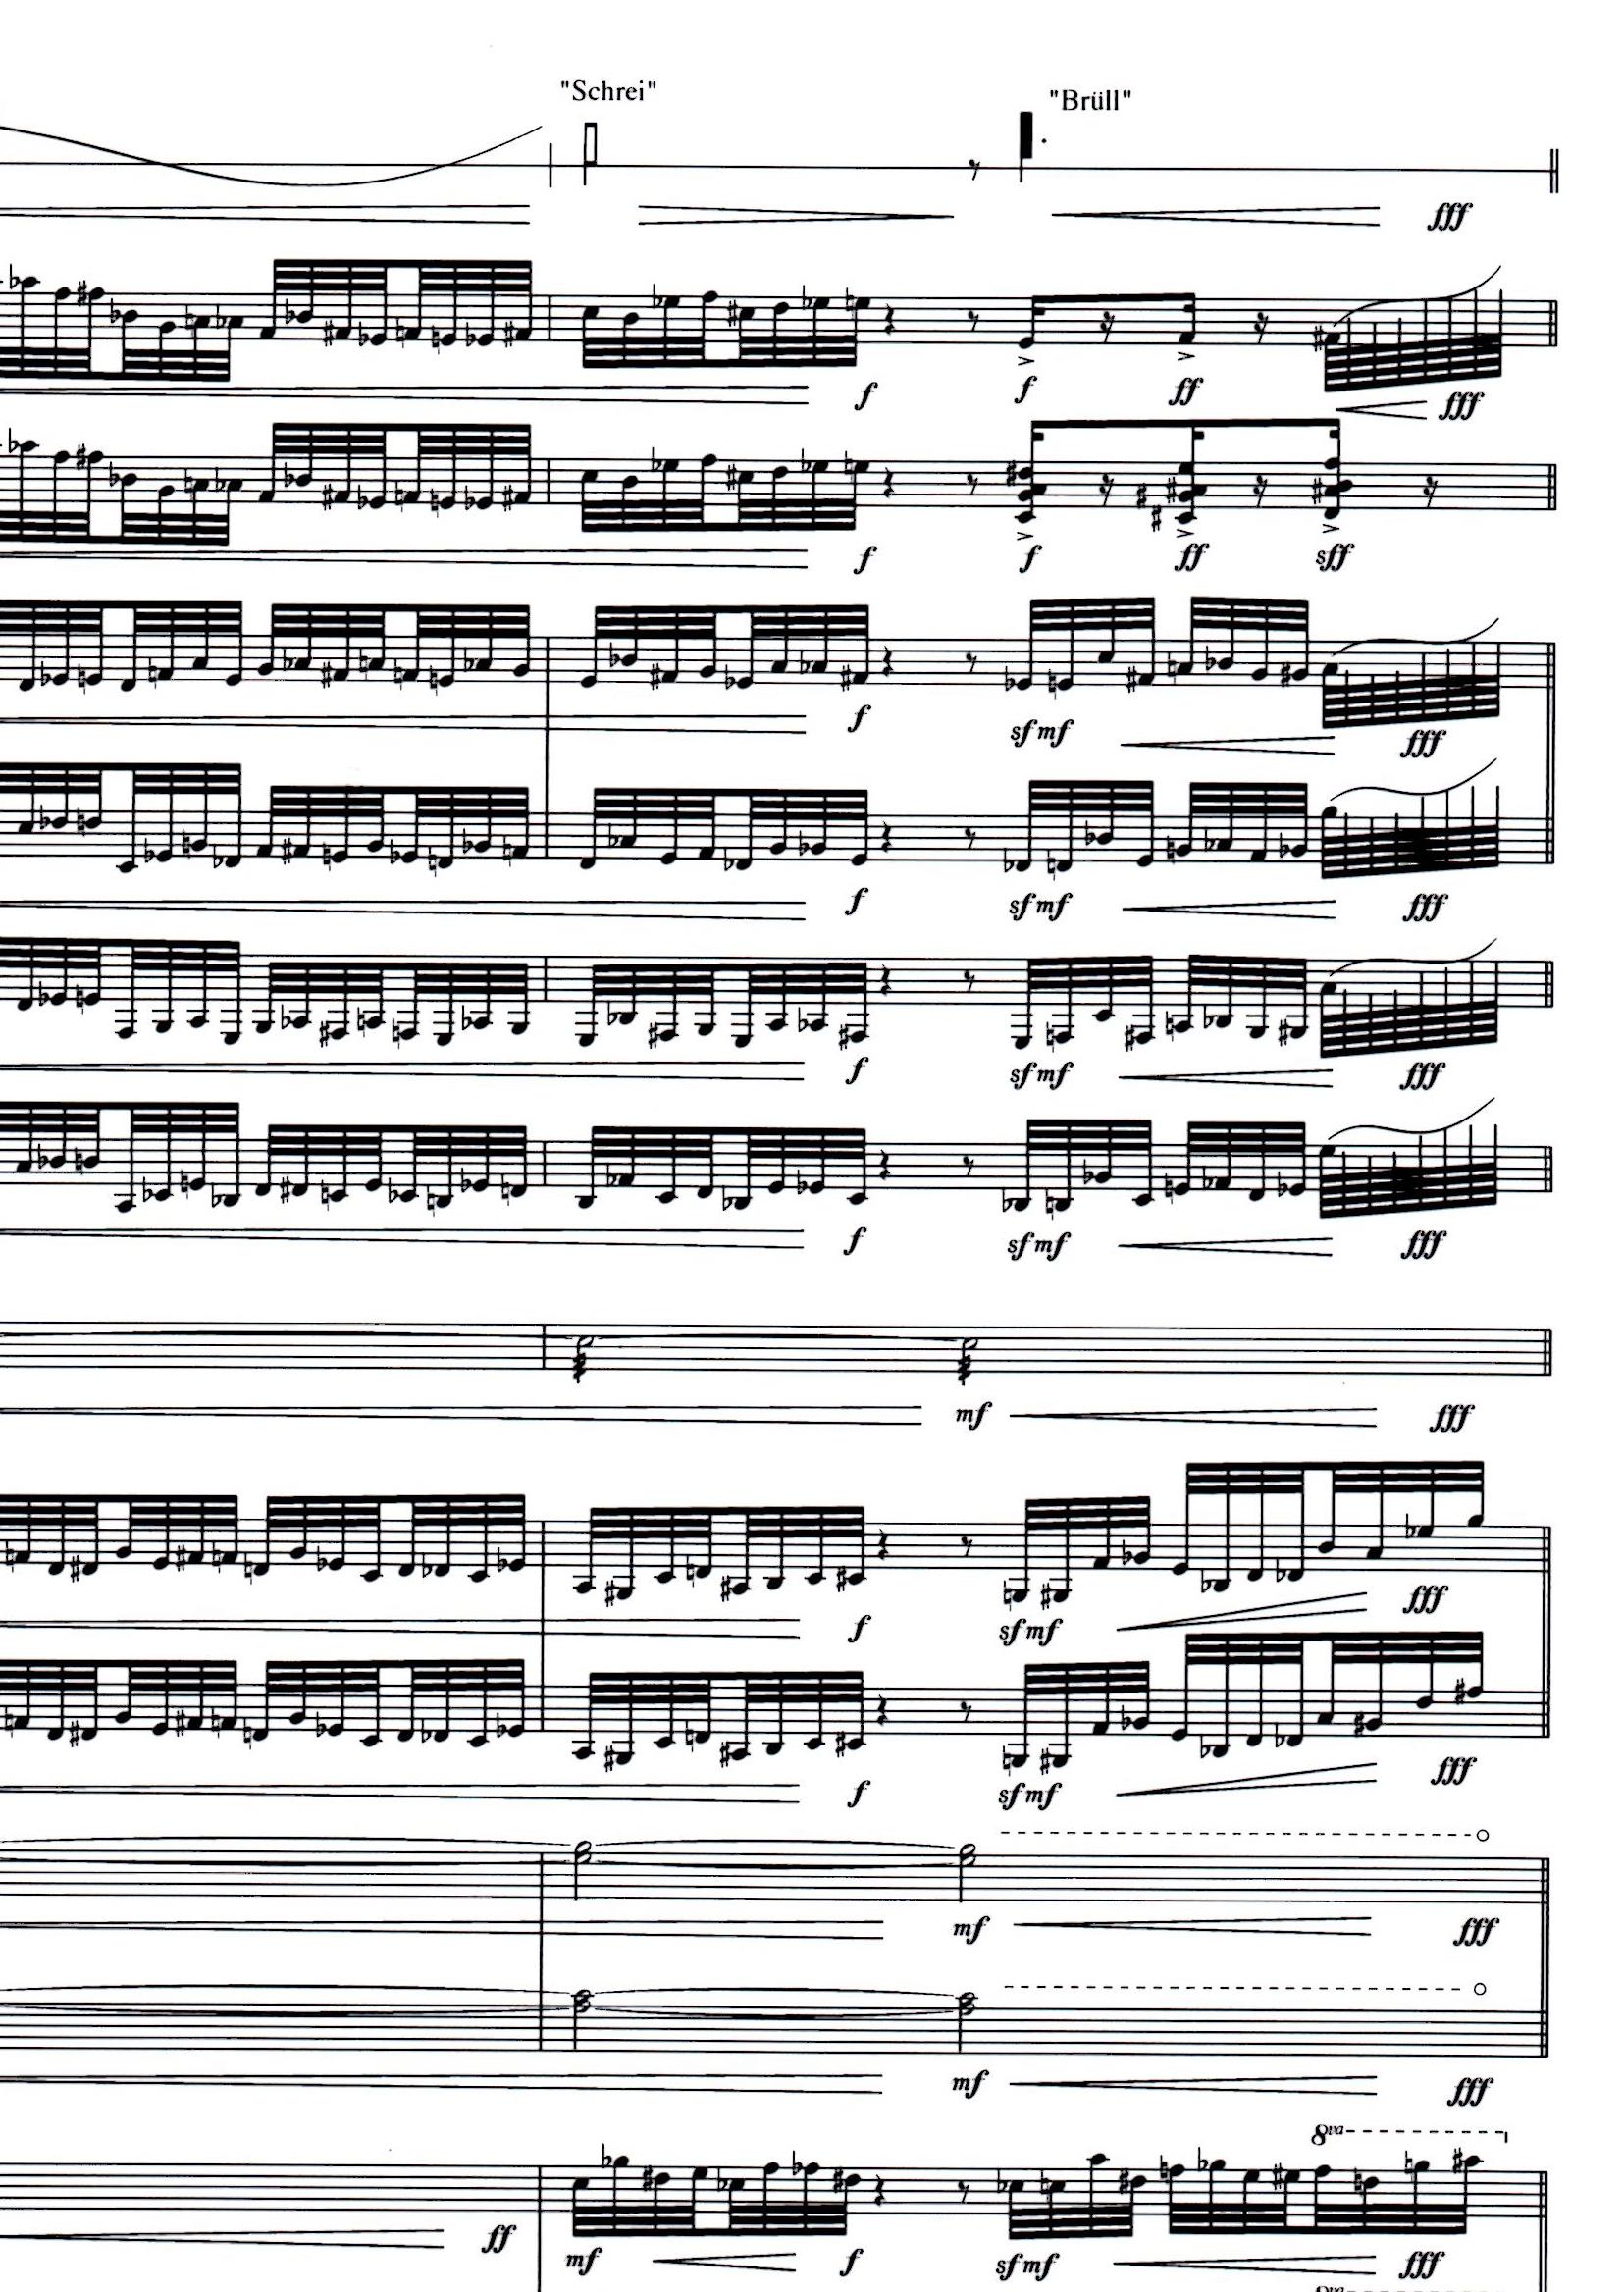 oehring partitur